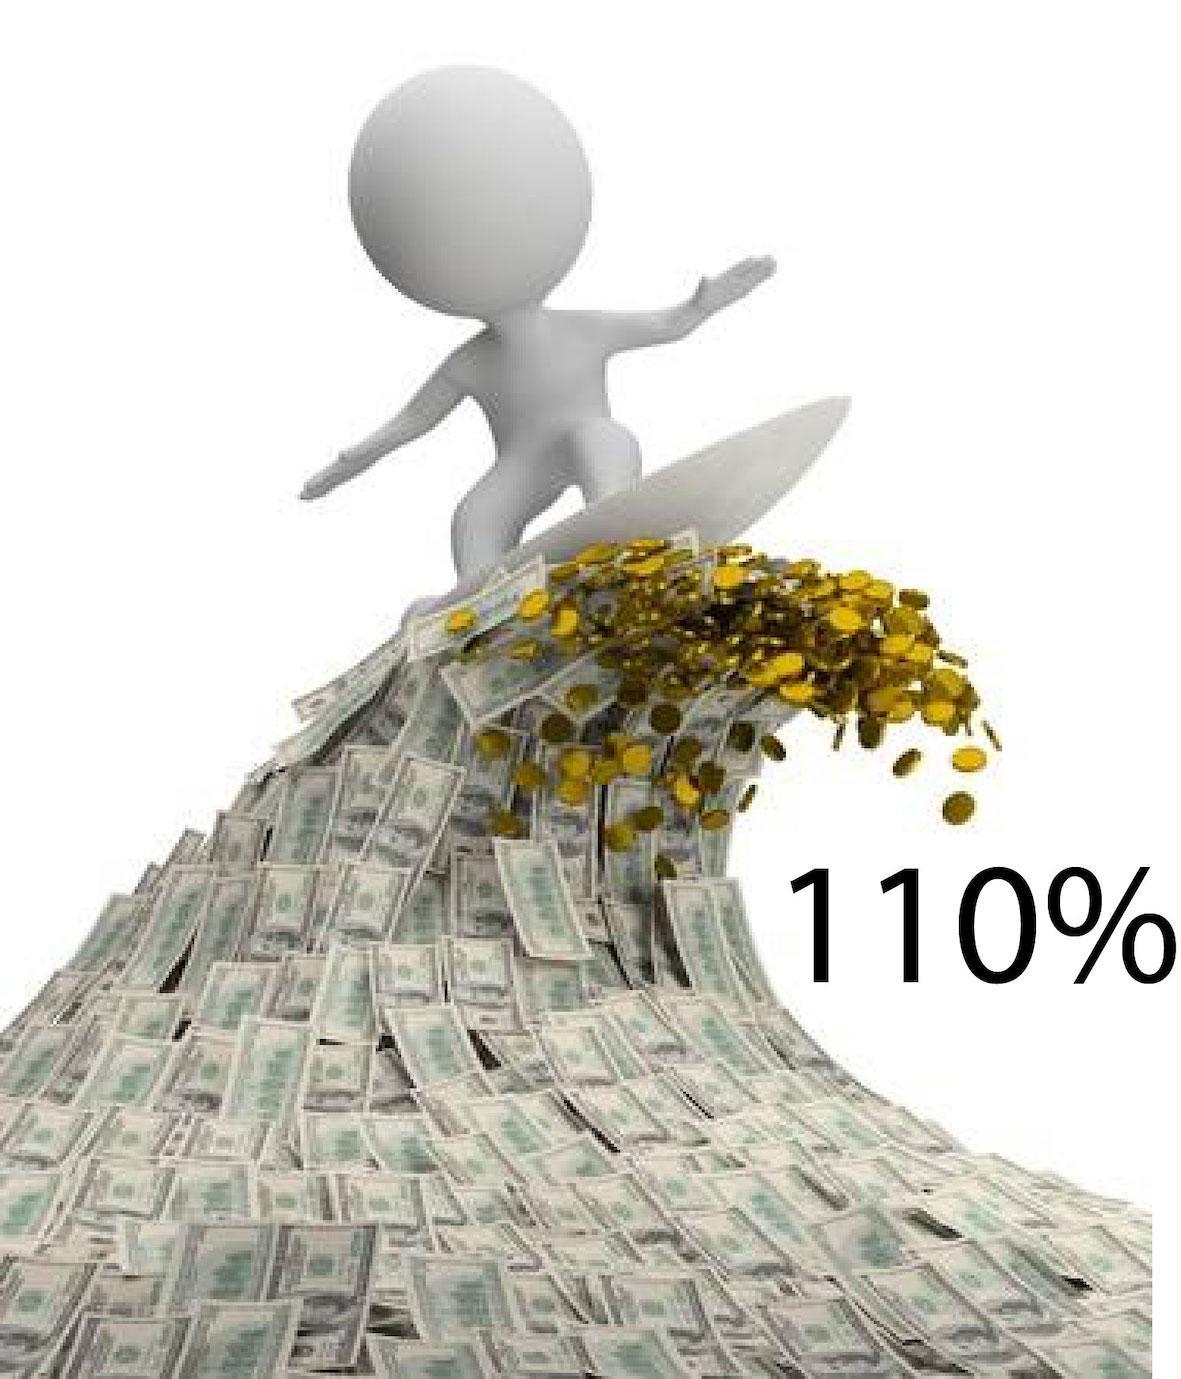 superbonus 110%: finanziamenti per avere liquidità